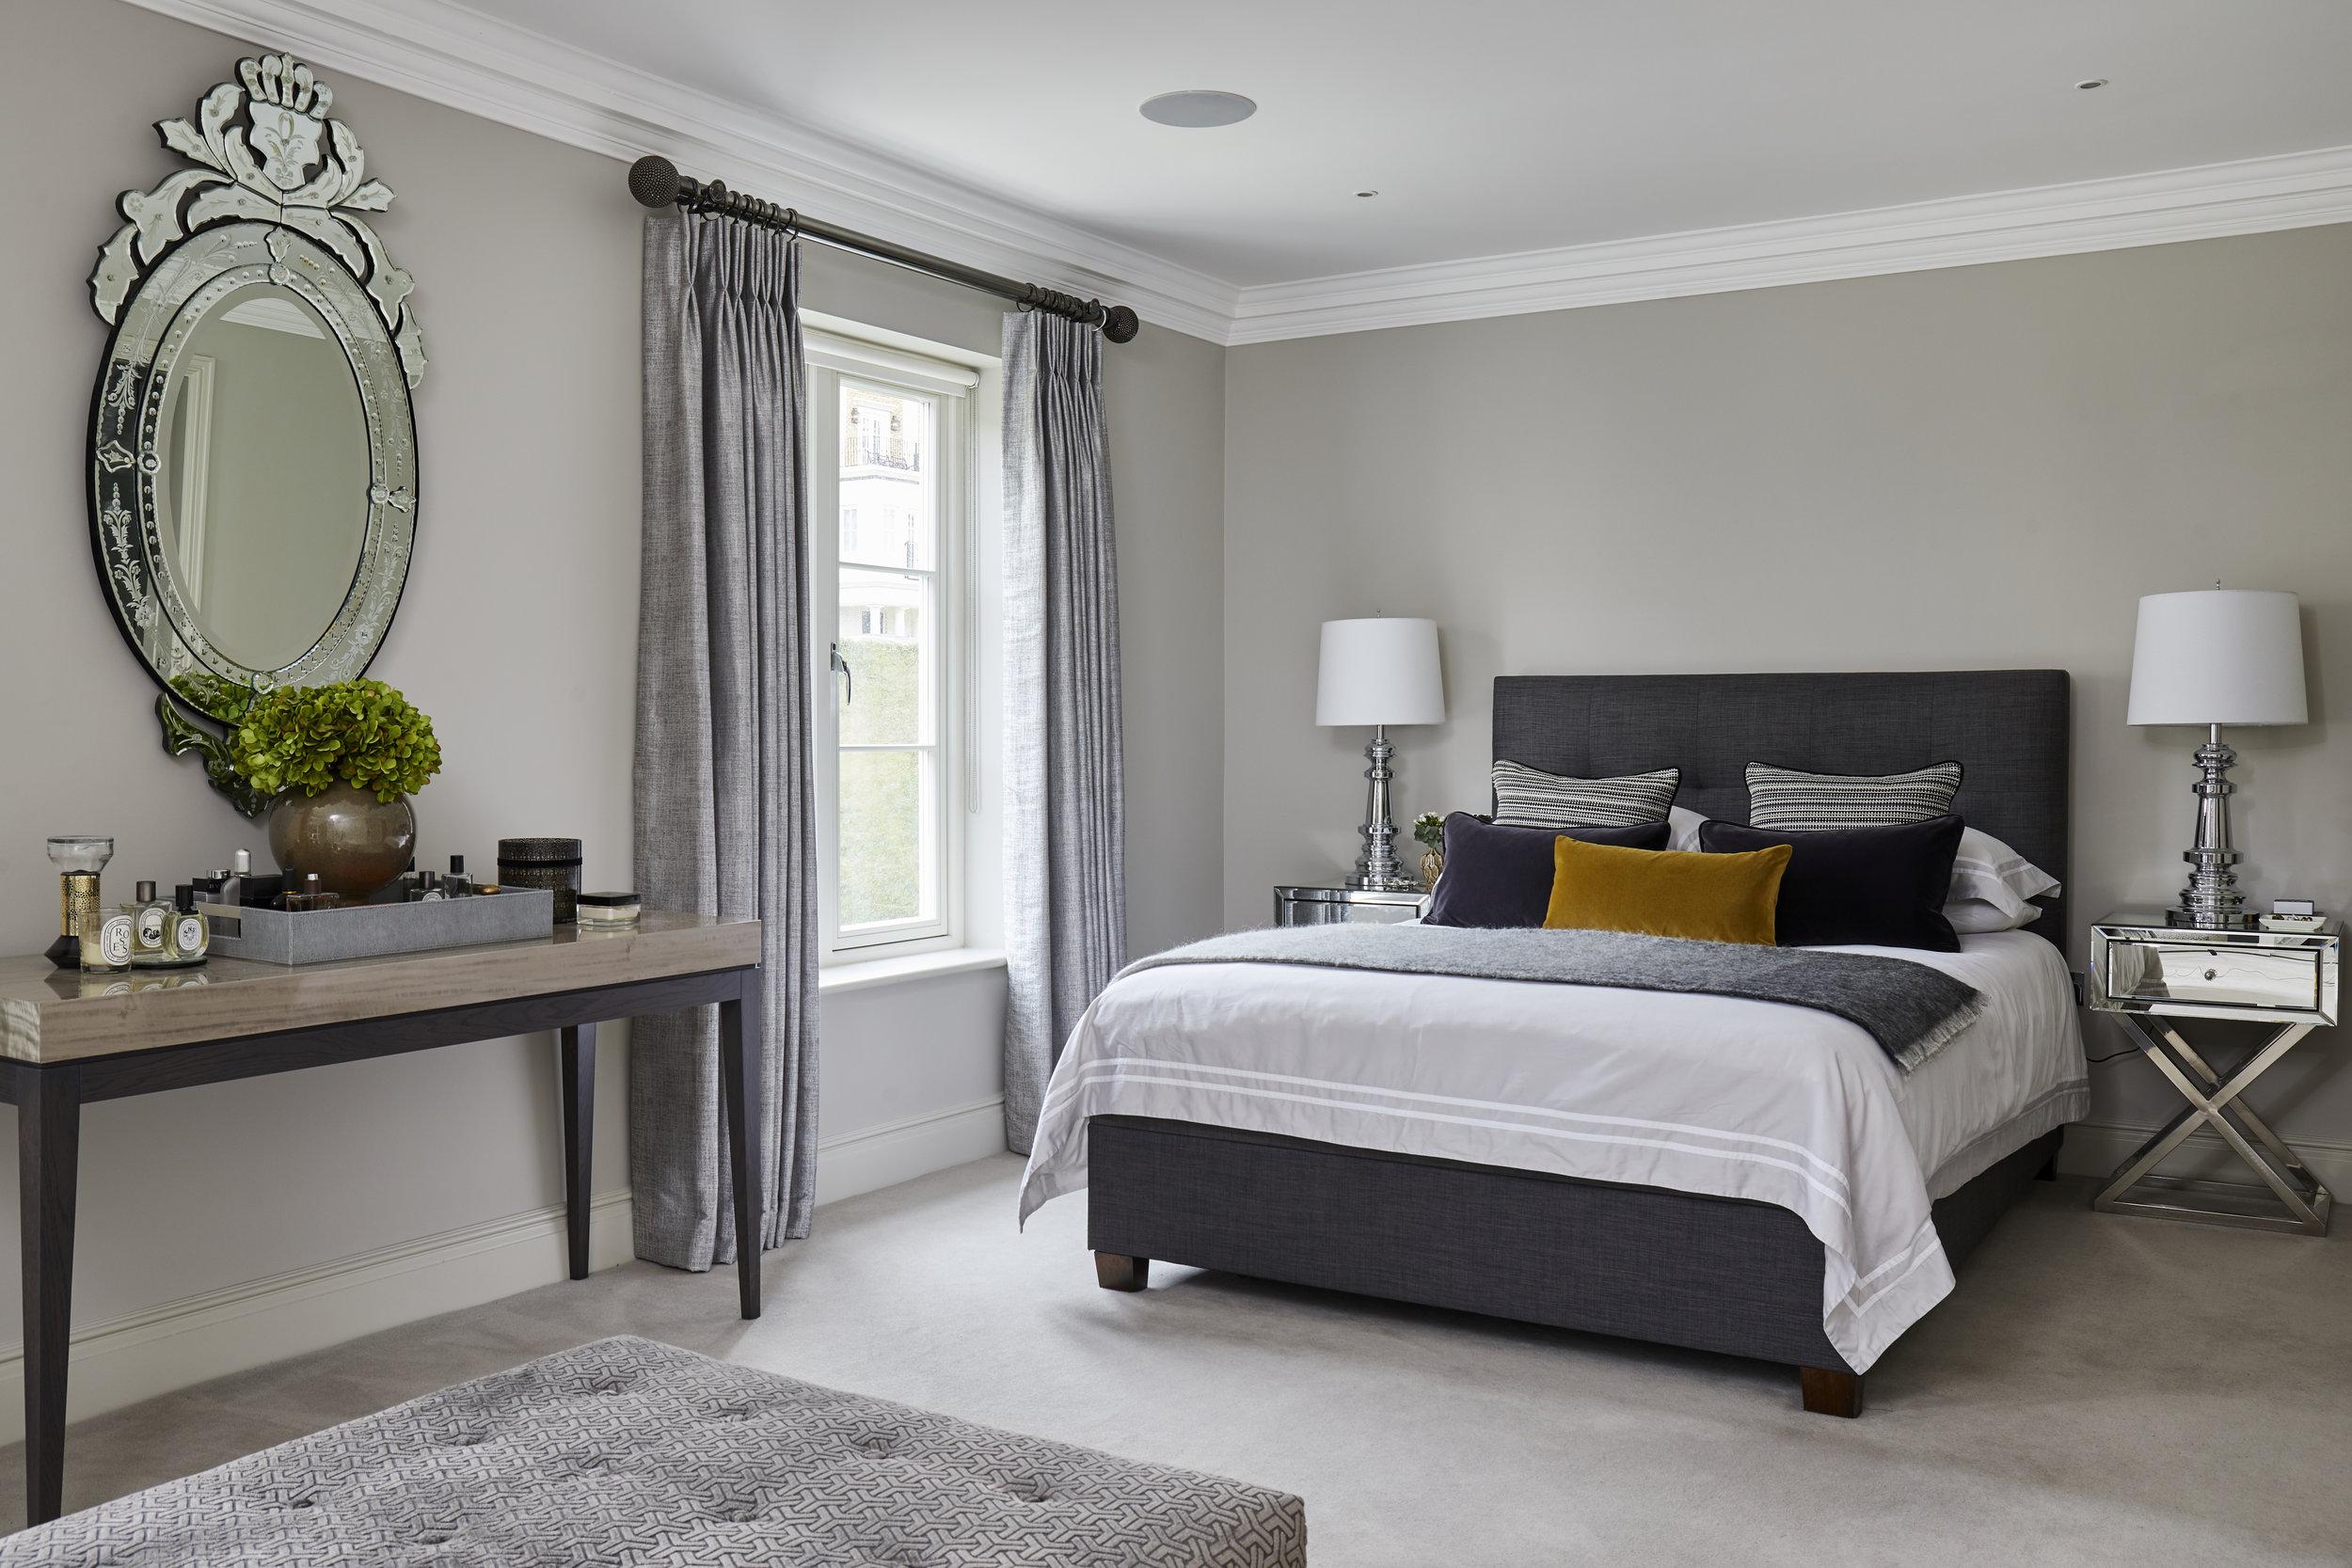 Complete bedroom design